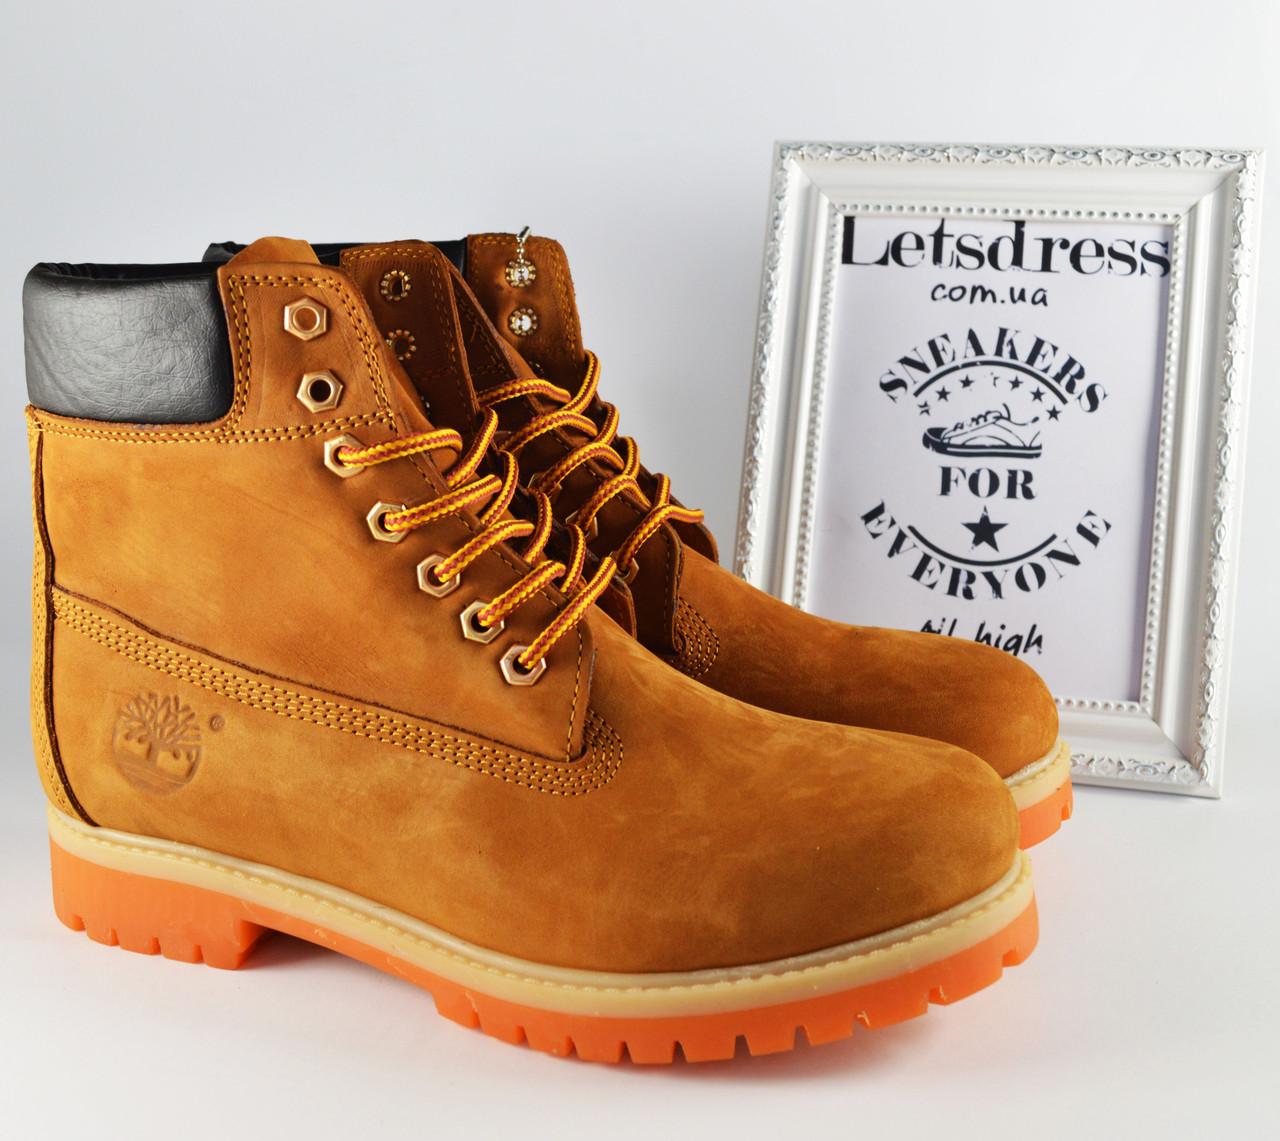 ✅ Чоловічі шкіряні черевики Timberland Classic ТЕРМО 6 inch Тімберленд бежеві коричневі